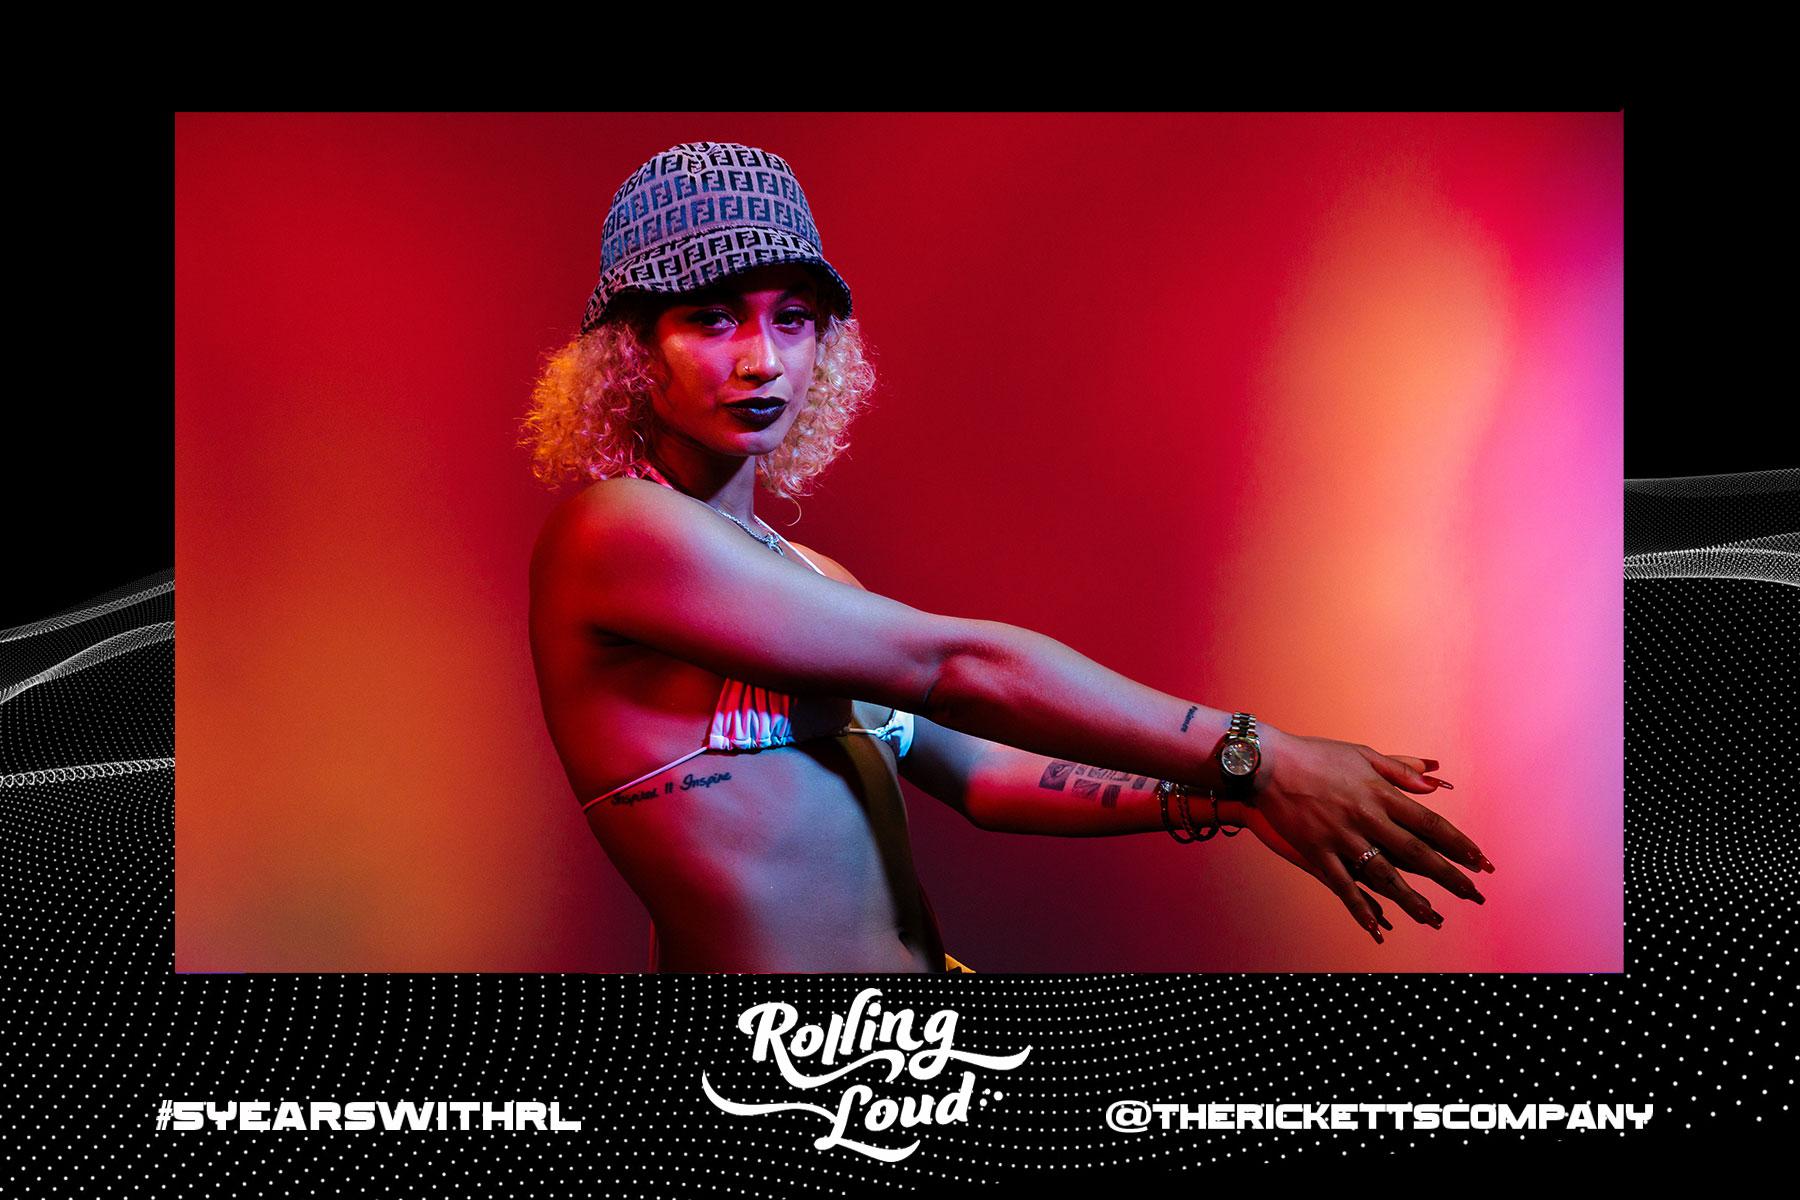 RollingLoud-PrintWide-DaniDay3.jpg